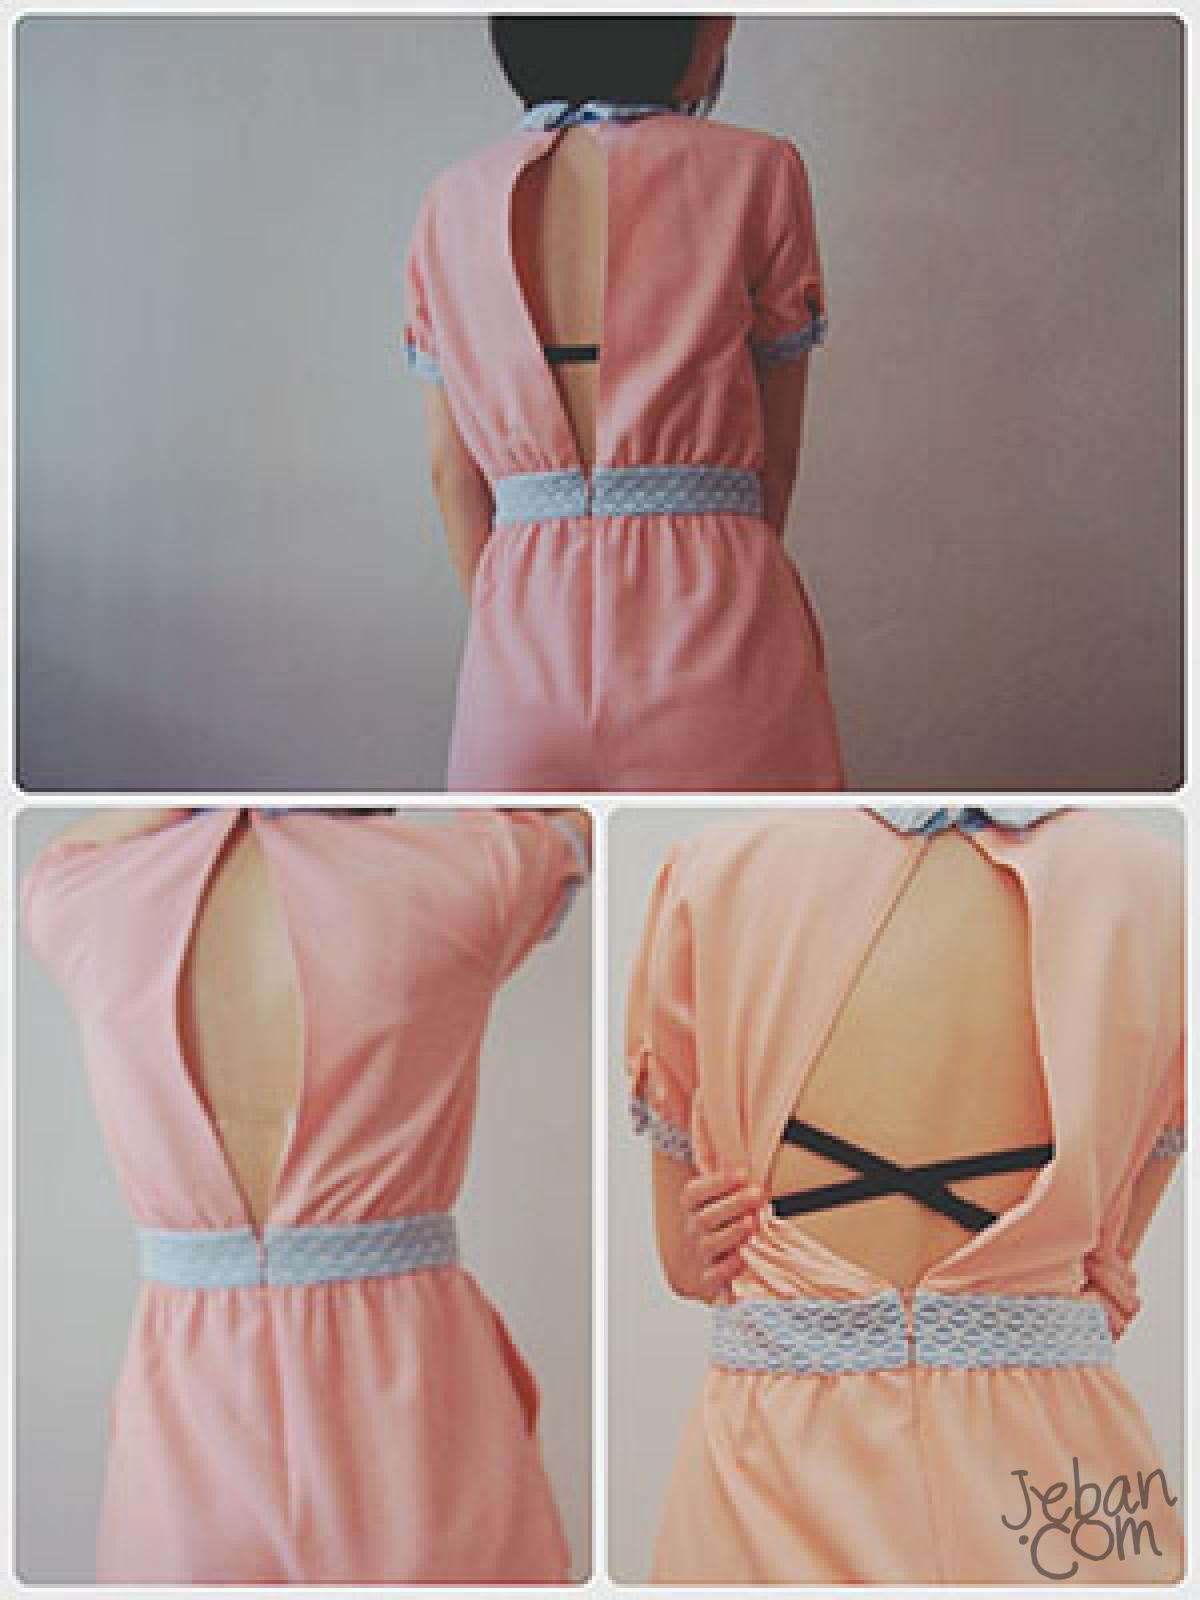 - R e v i e w - เสื้อชั้นในสำหรับใส่กับชุดเปิดหลัง แบบไม่ต้องซ่อนสายก็สวย แซ่บได้ ไม่ต้องกลัวหลุด=( )-( )=